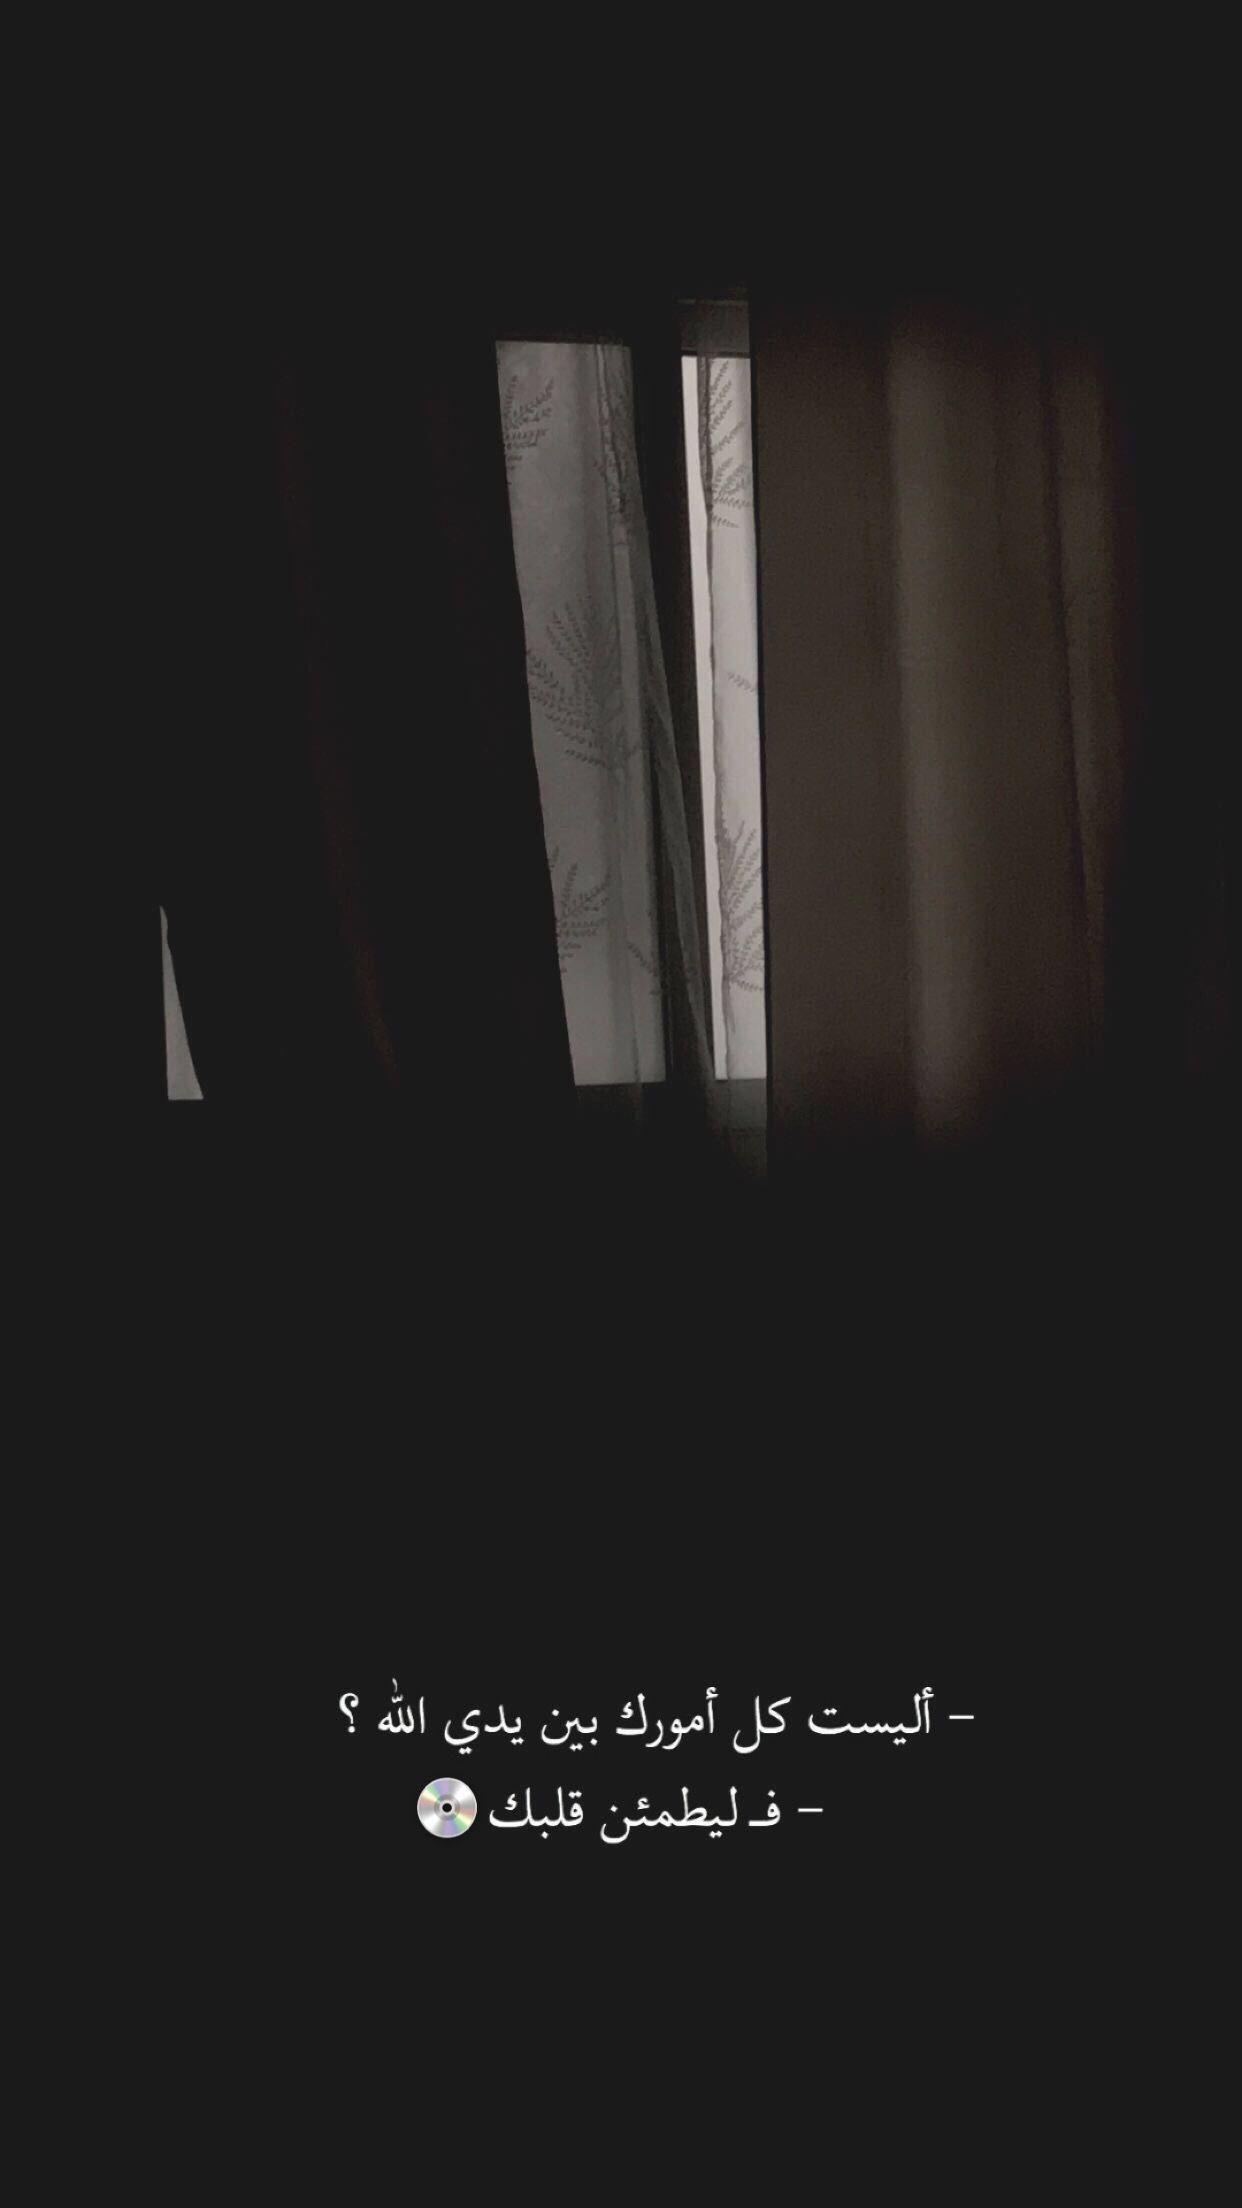 همسة أليست أمورك بين يدي الله فـ ليطمئن قلبك تصويري تصويري سناب تصميمي تصميم Phonto فونتو ستاير الخبر Places To Visit Photo Islam